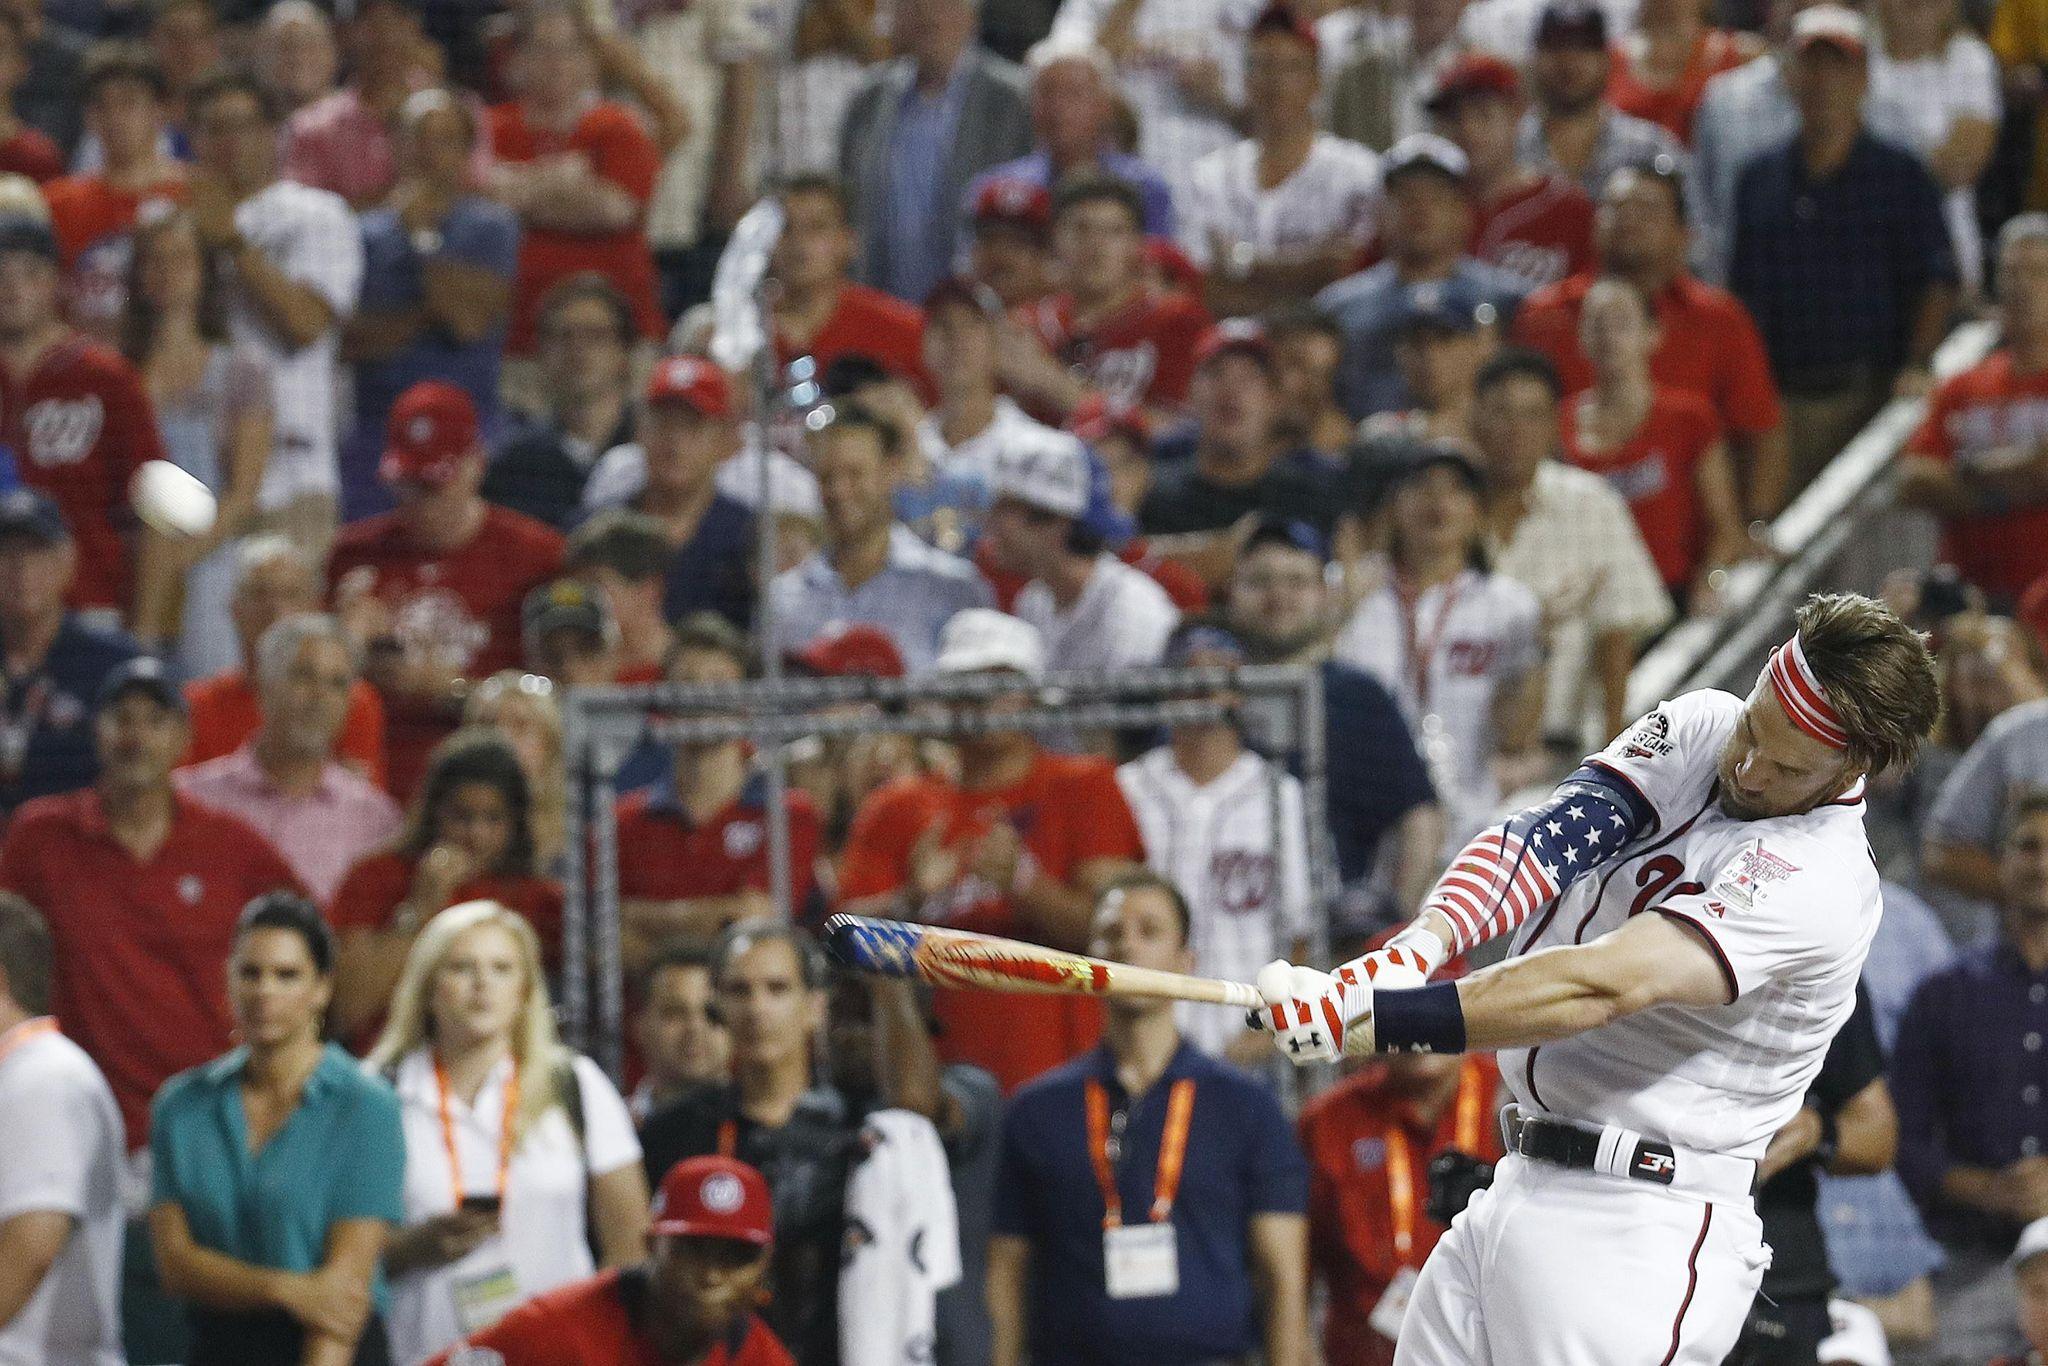 All_star_home_run_derby_baseball_15162_s2048x1366